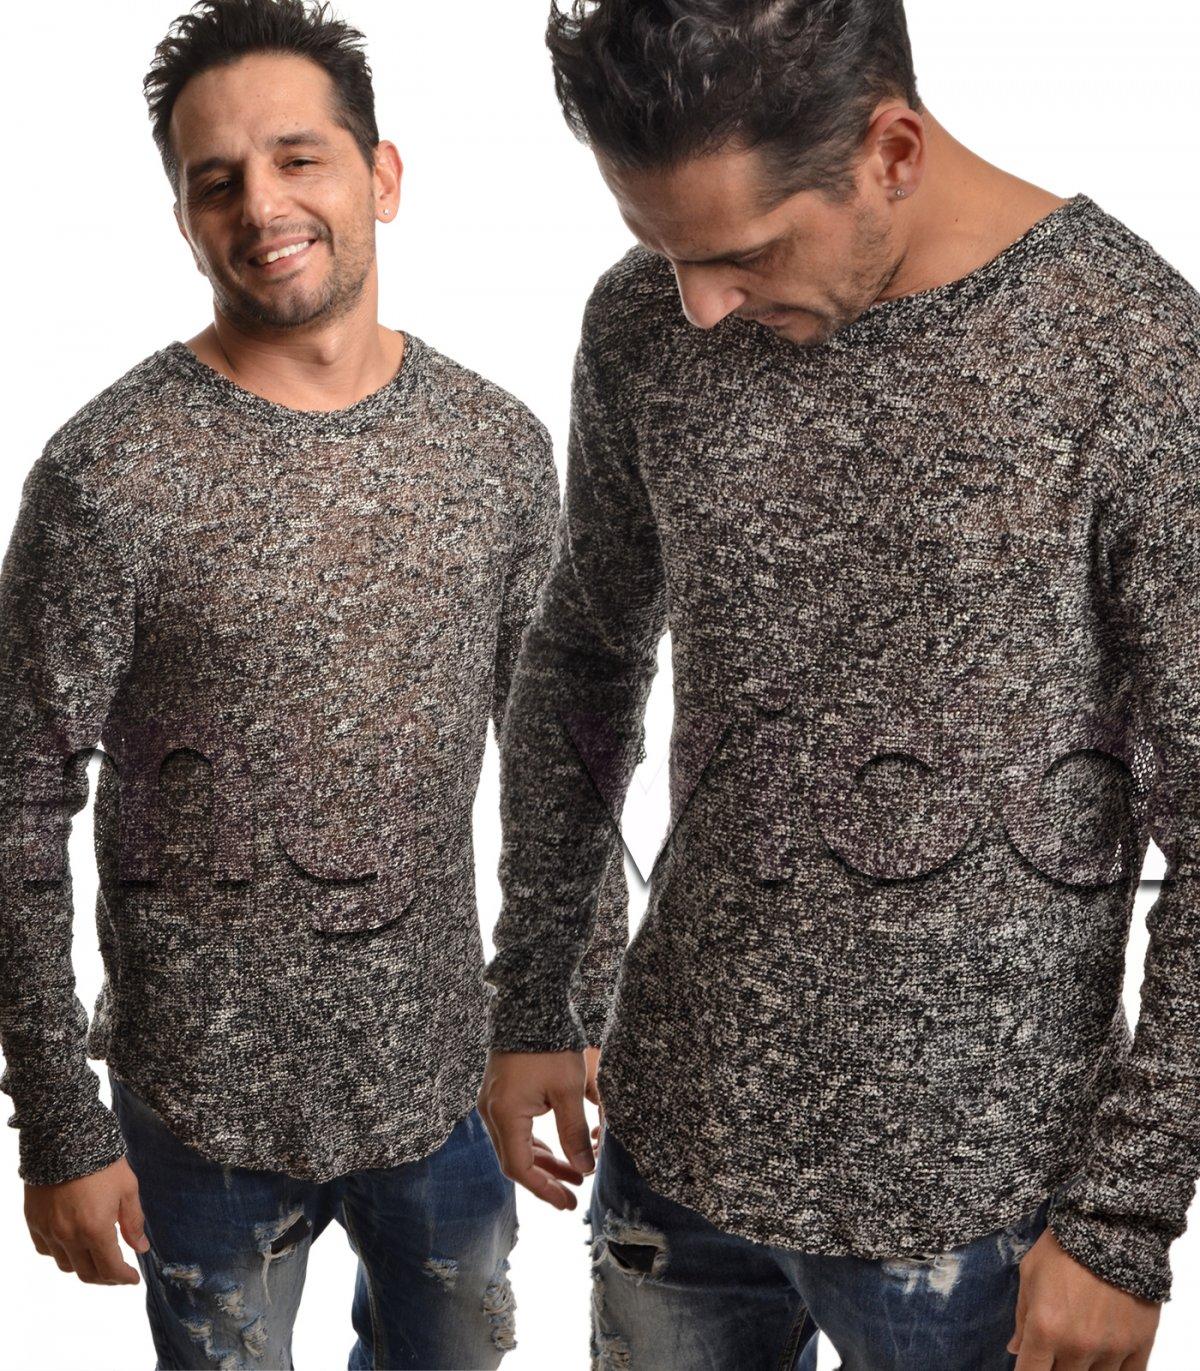 nuovo concetto 281ef 30746 Nuova collezione Uomo maglione | My Vida